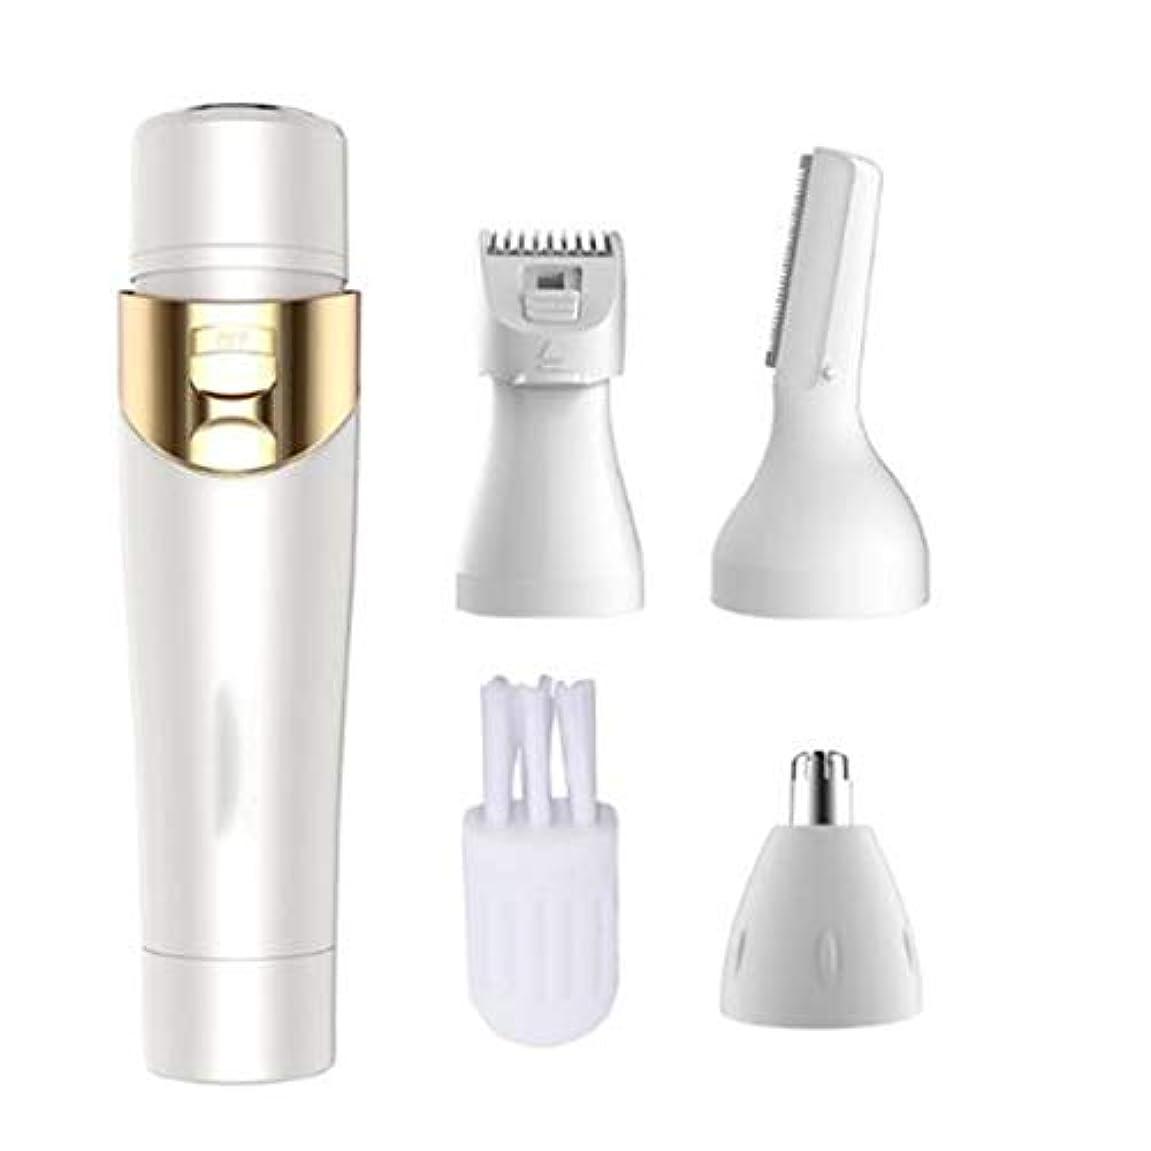 強制薄暗い観察女性の電気かみそり、顔の毛のリムーバー充電式ポータブル脱毛器多機能4 in 1 for体、顔、ビキニ、脇の下 (Color : White)